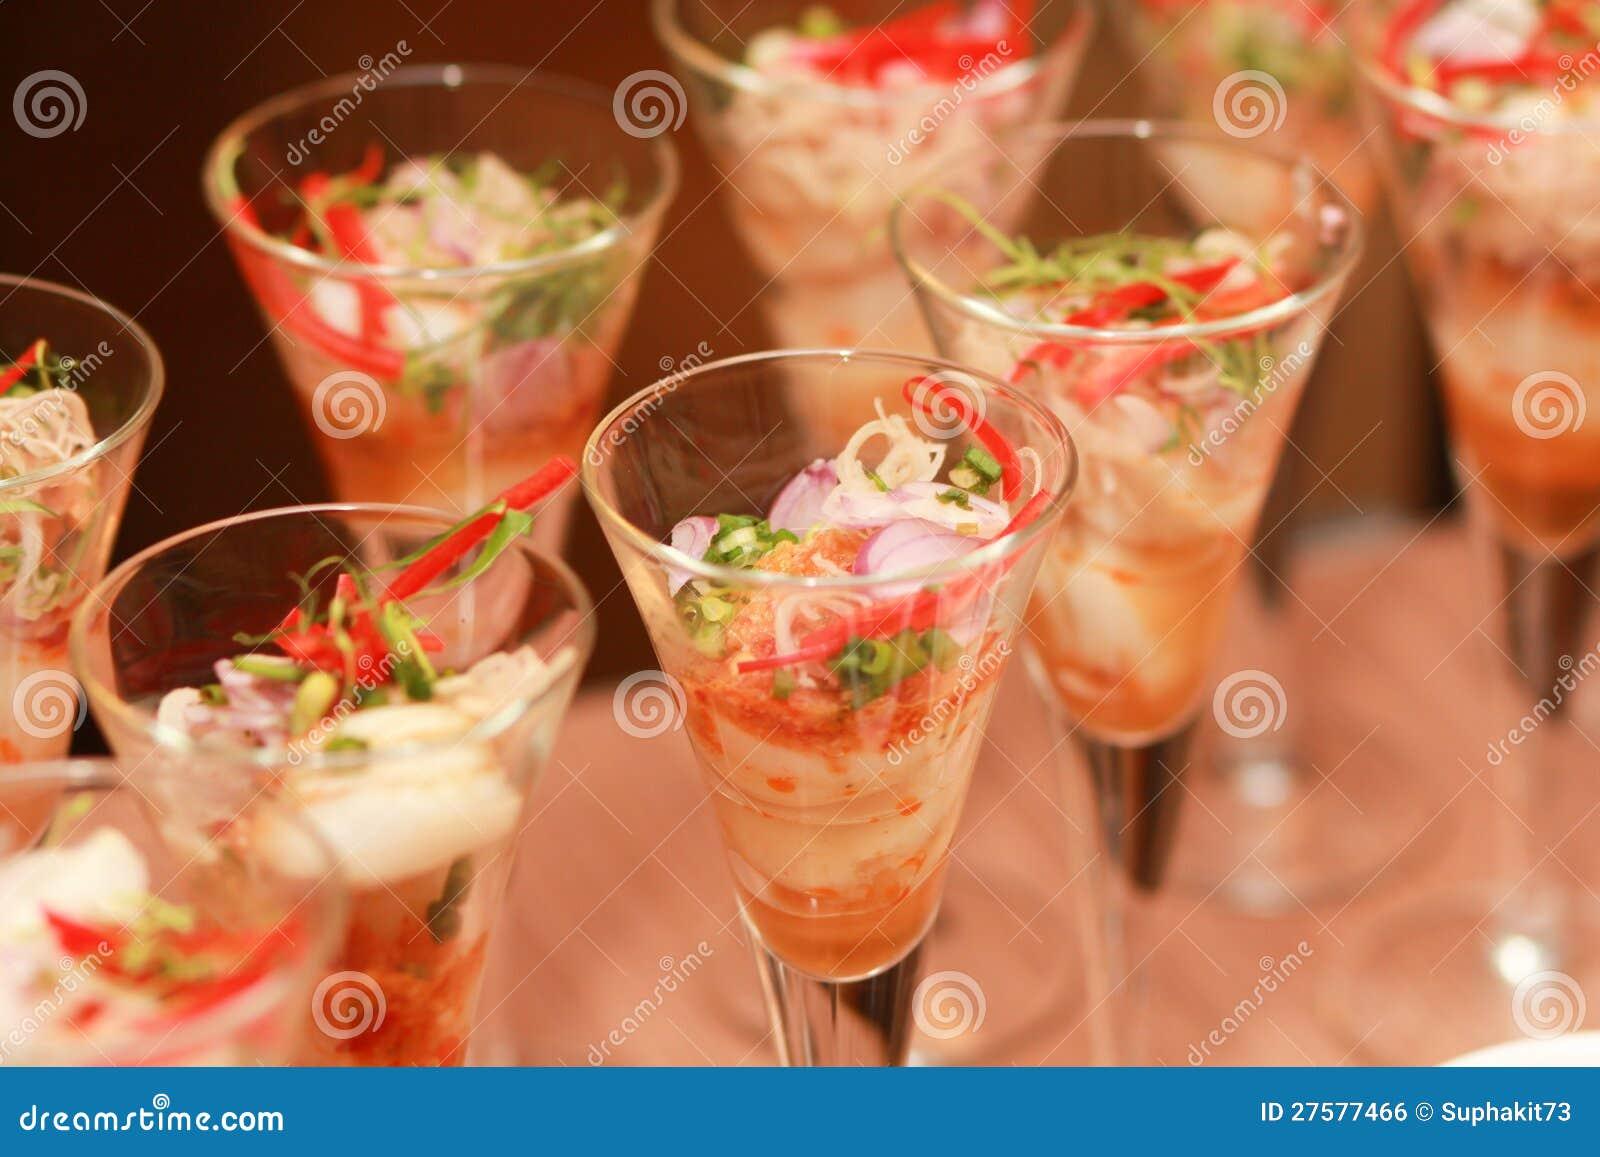 Het voedsel van decoratie royalty vrije stock afbeelding beeld 27577466 - Afbeelding van decoratie ...